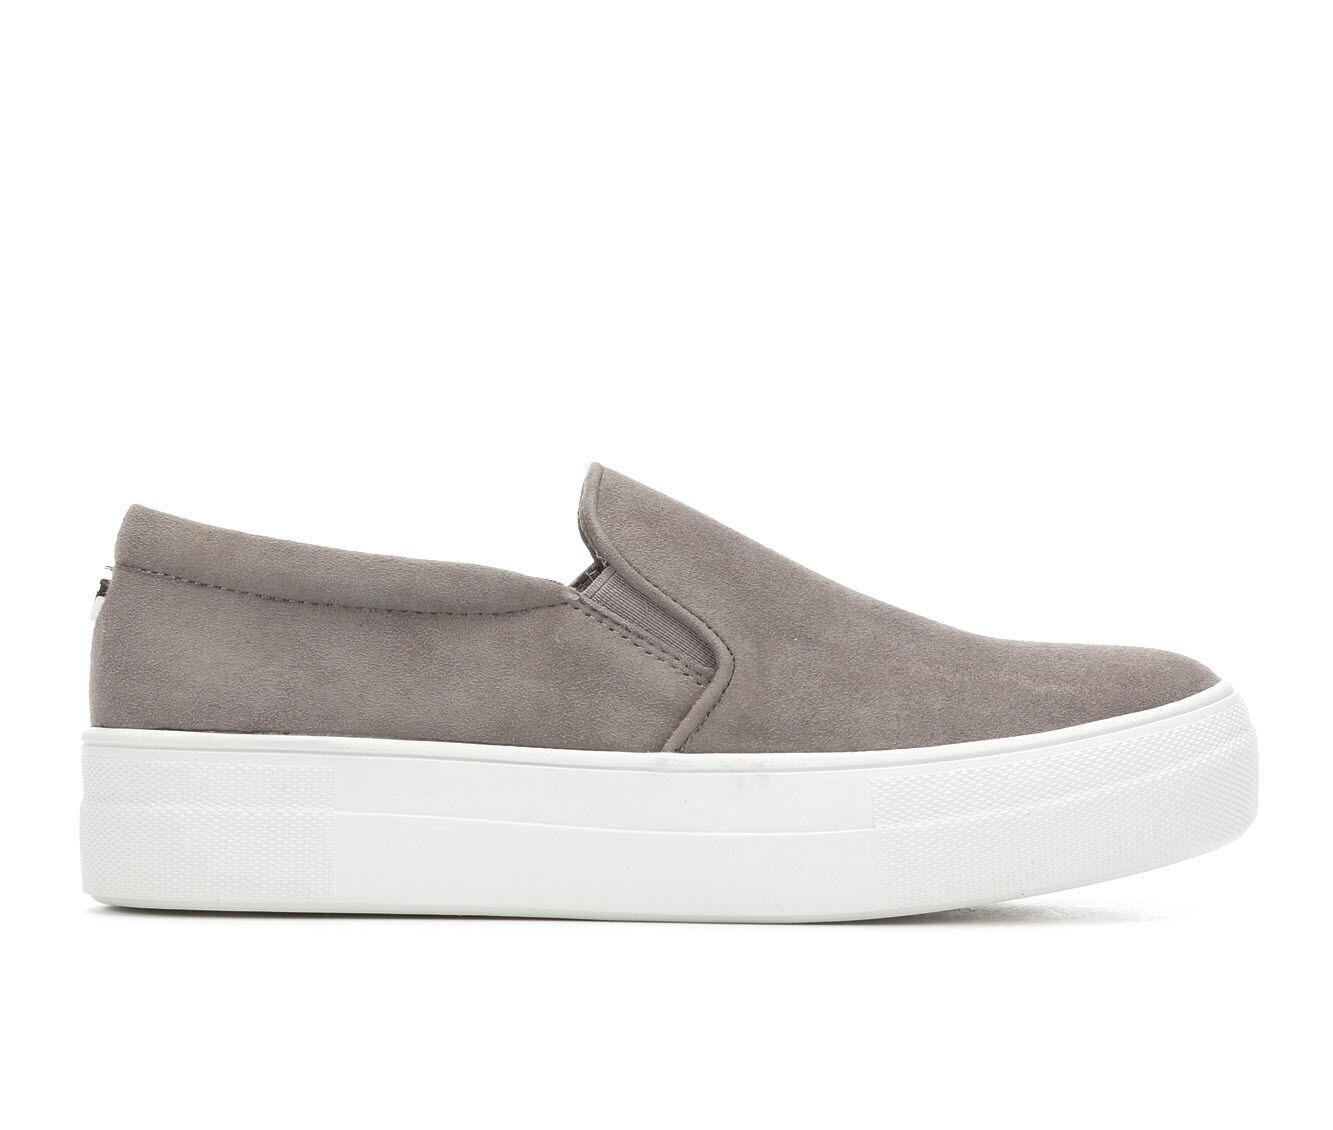 Women's Steve Madden Gills Flatform Sneakers Grey Suede